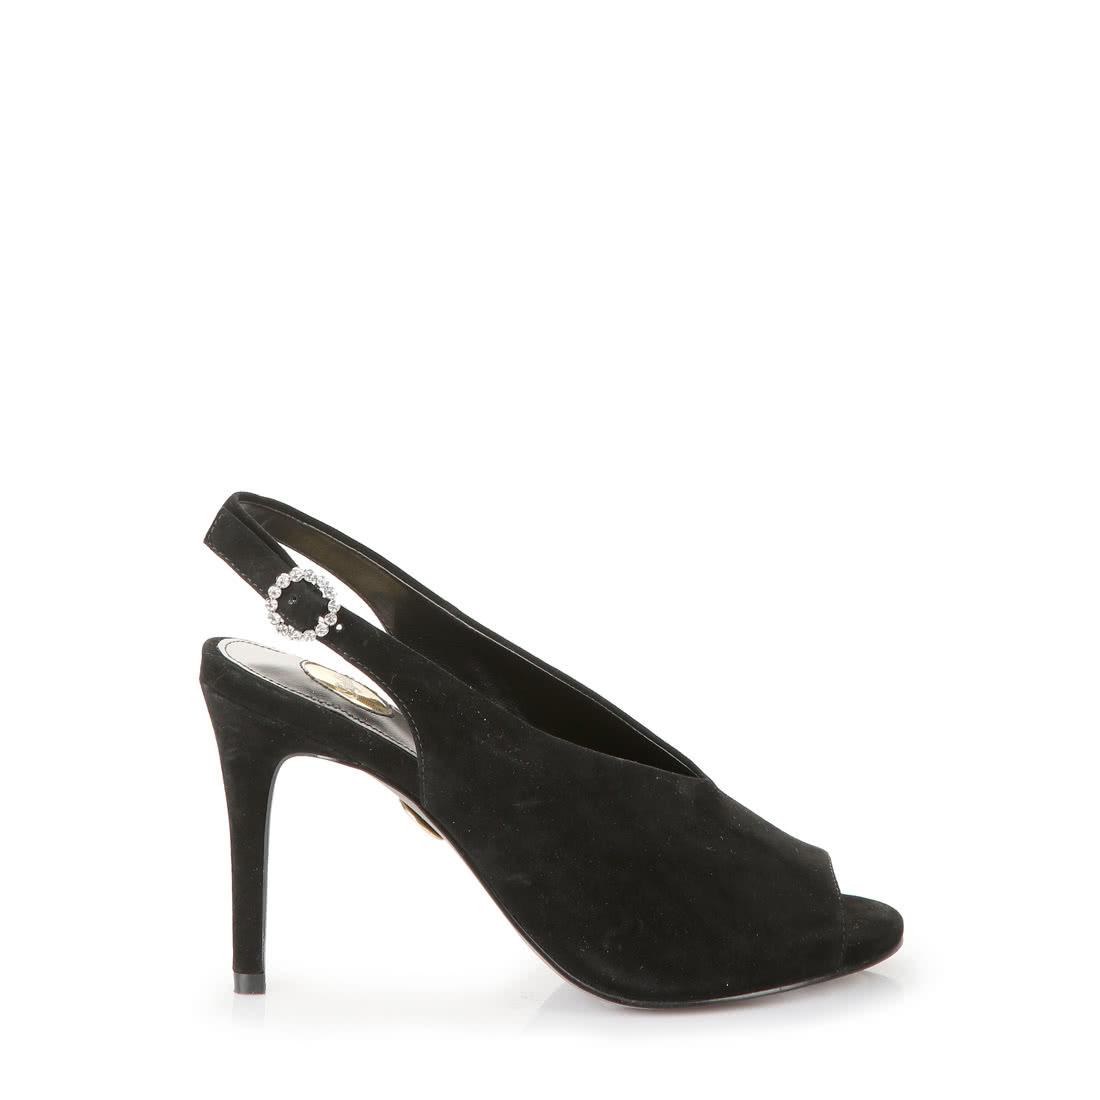 Buffalo Sandalette in schwarz mit edler Strass-Schnalle online ... 13e69858d6